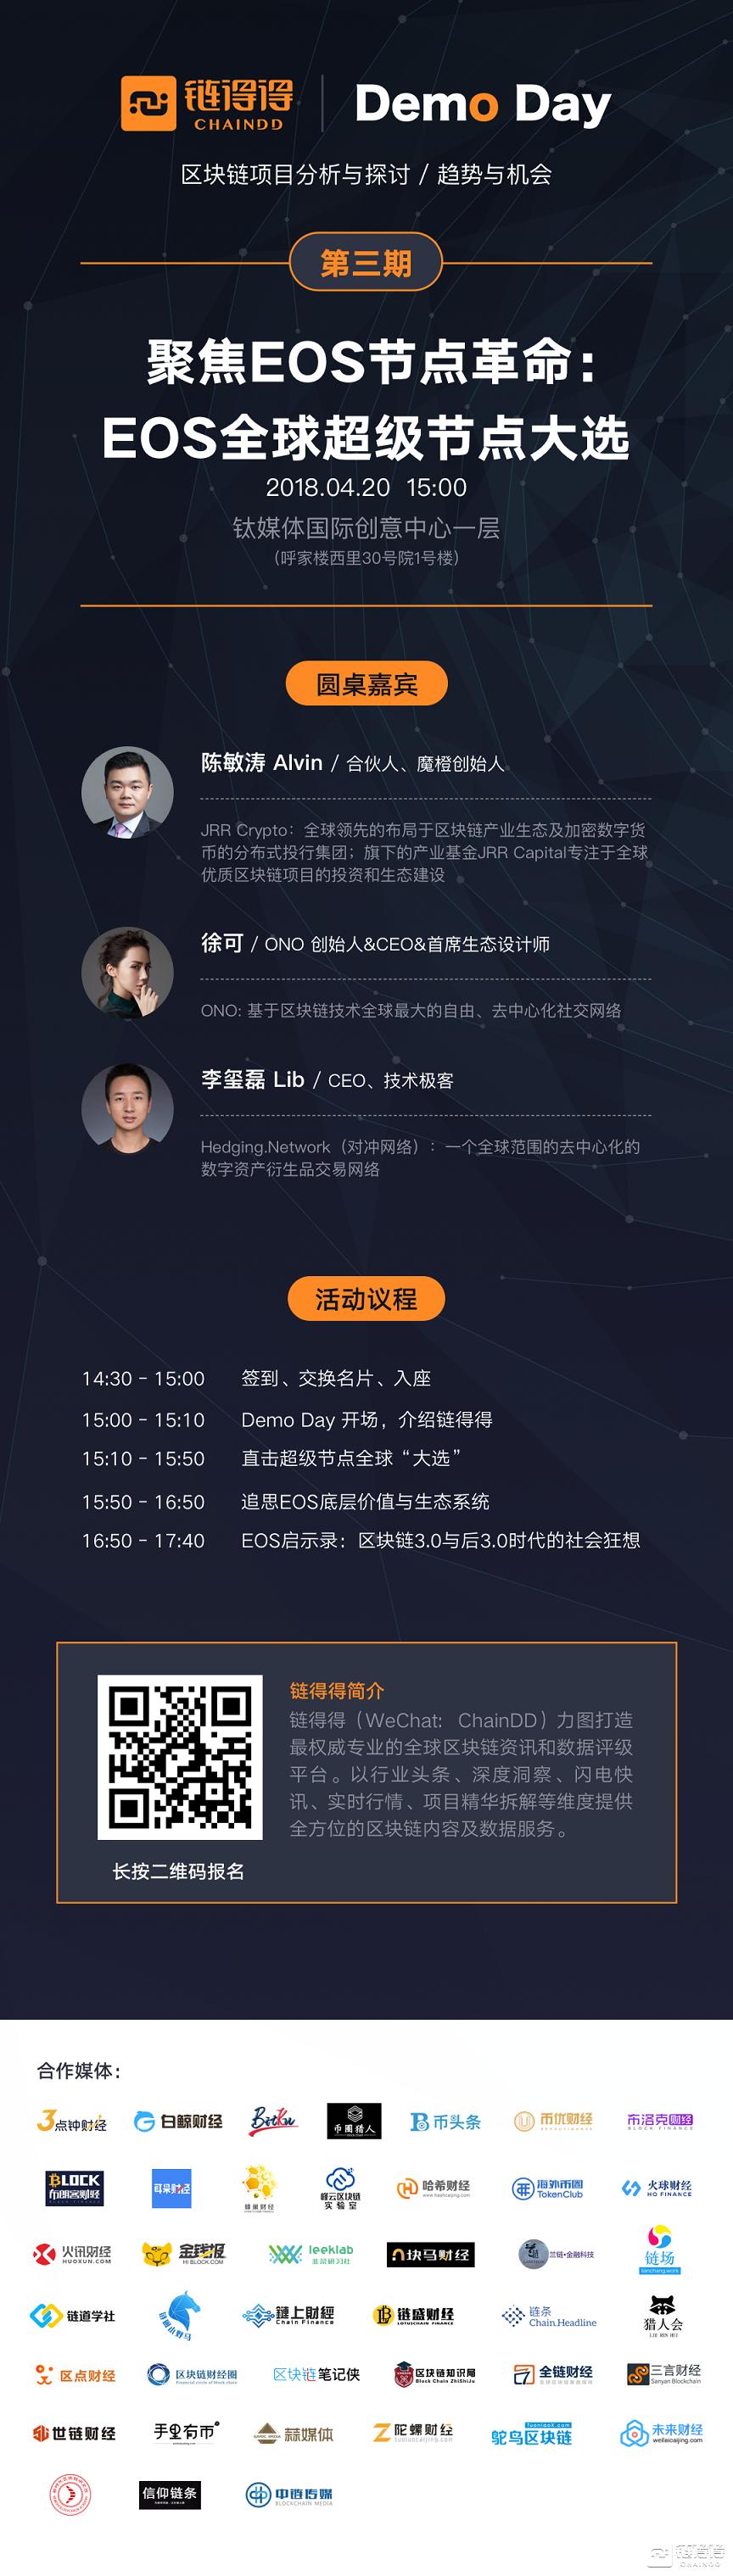 【链得得Demo Day】第三期:聚焦EOS节点革命 | EOS全球超级节点大选